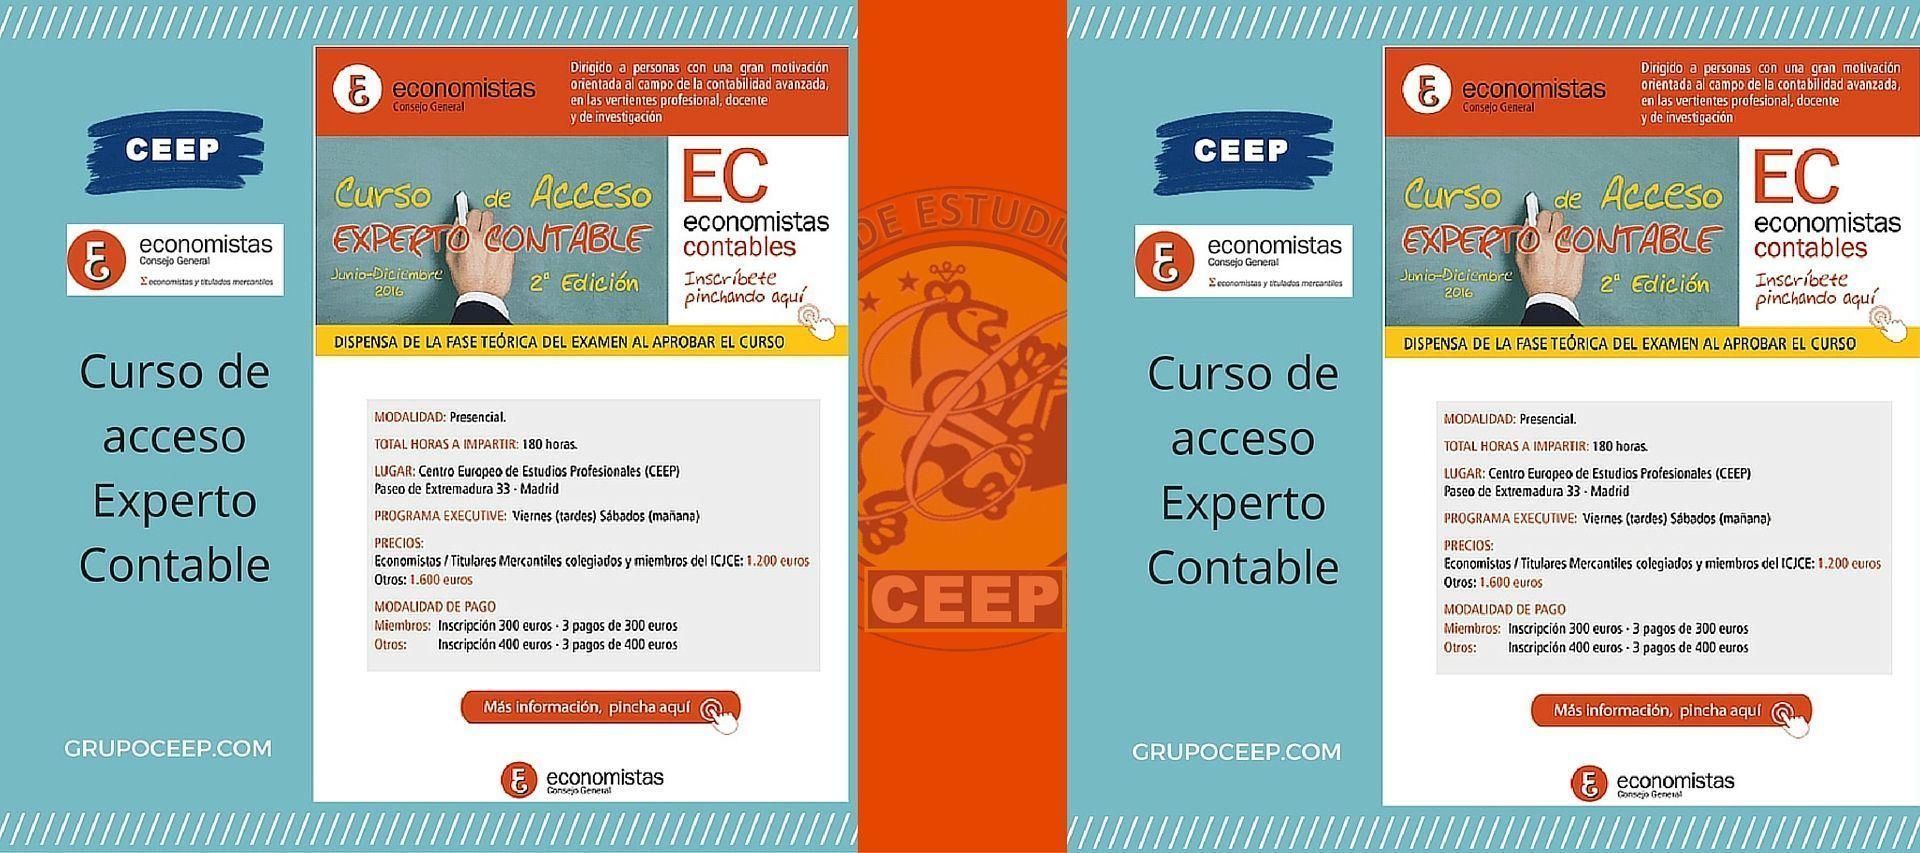 Curso de acceso a Experto Contable organizado por CEEP